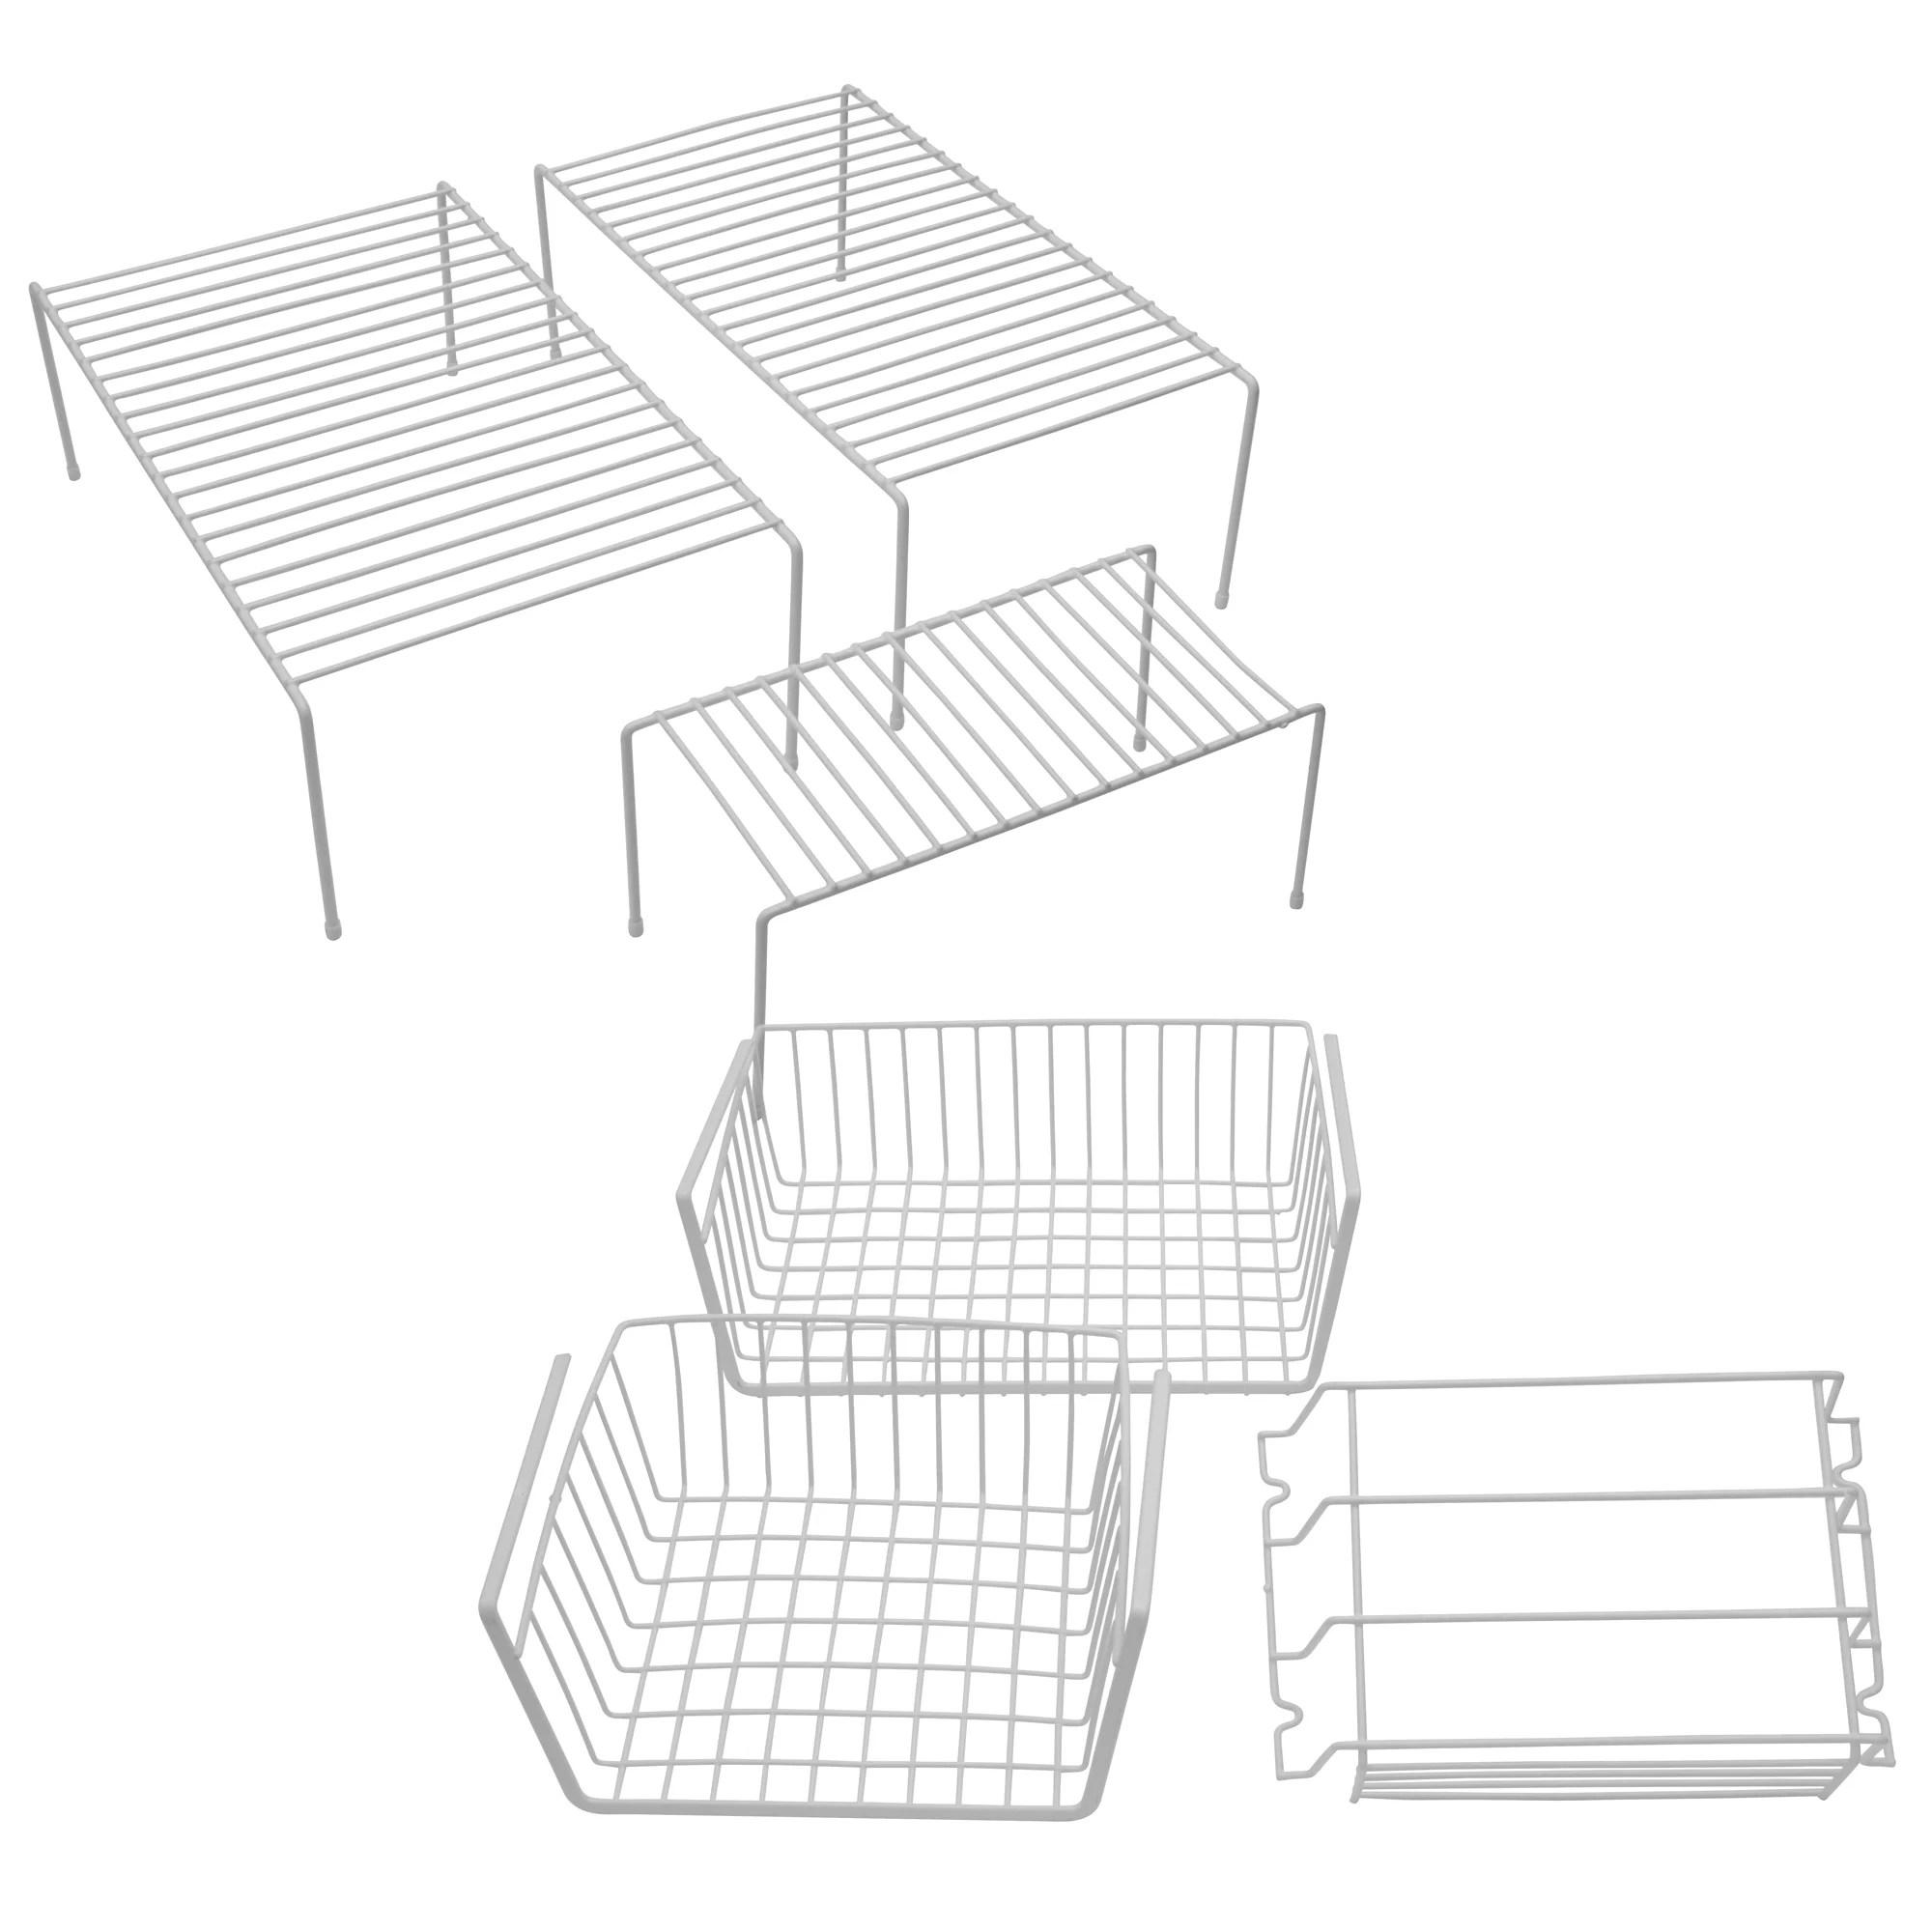 6 Pc Cabinet Drawer Organizer Set White Wire Baskets